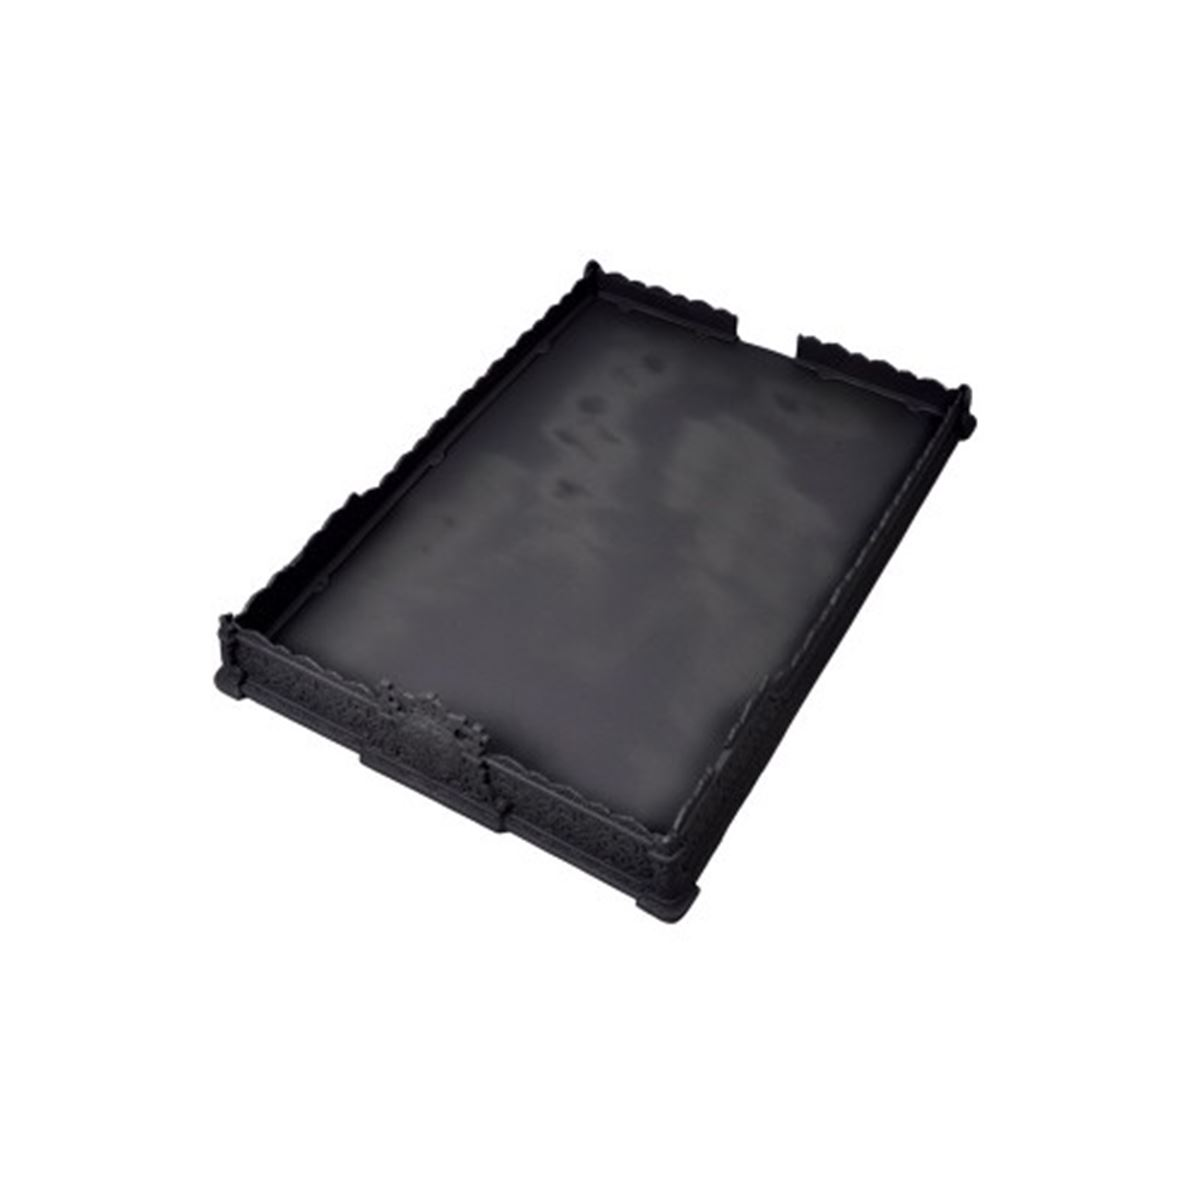 SDS 101 102 107 Modelleri İçin Döküm Şömine Alt Tabla